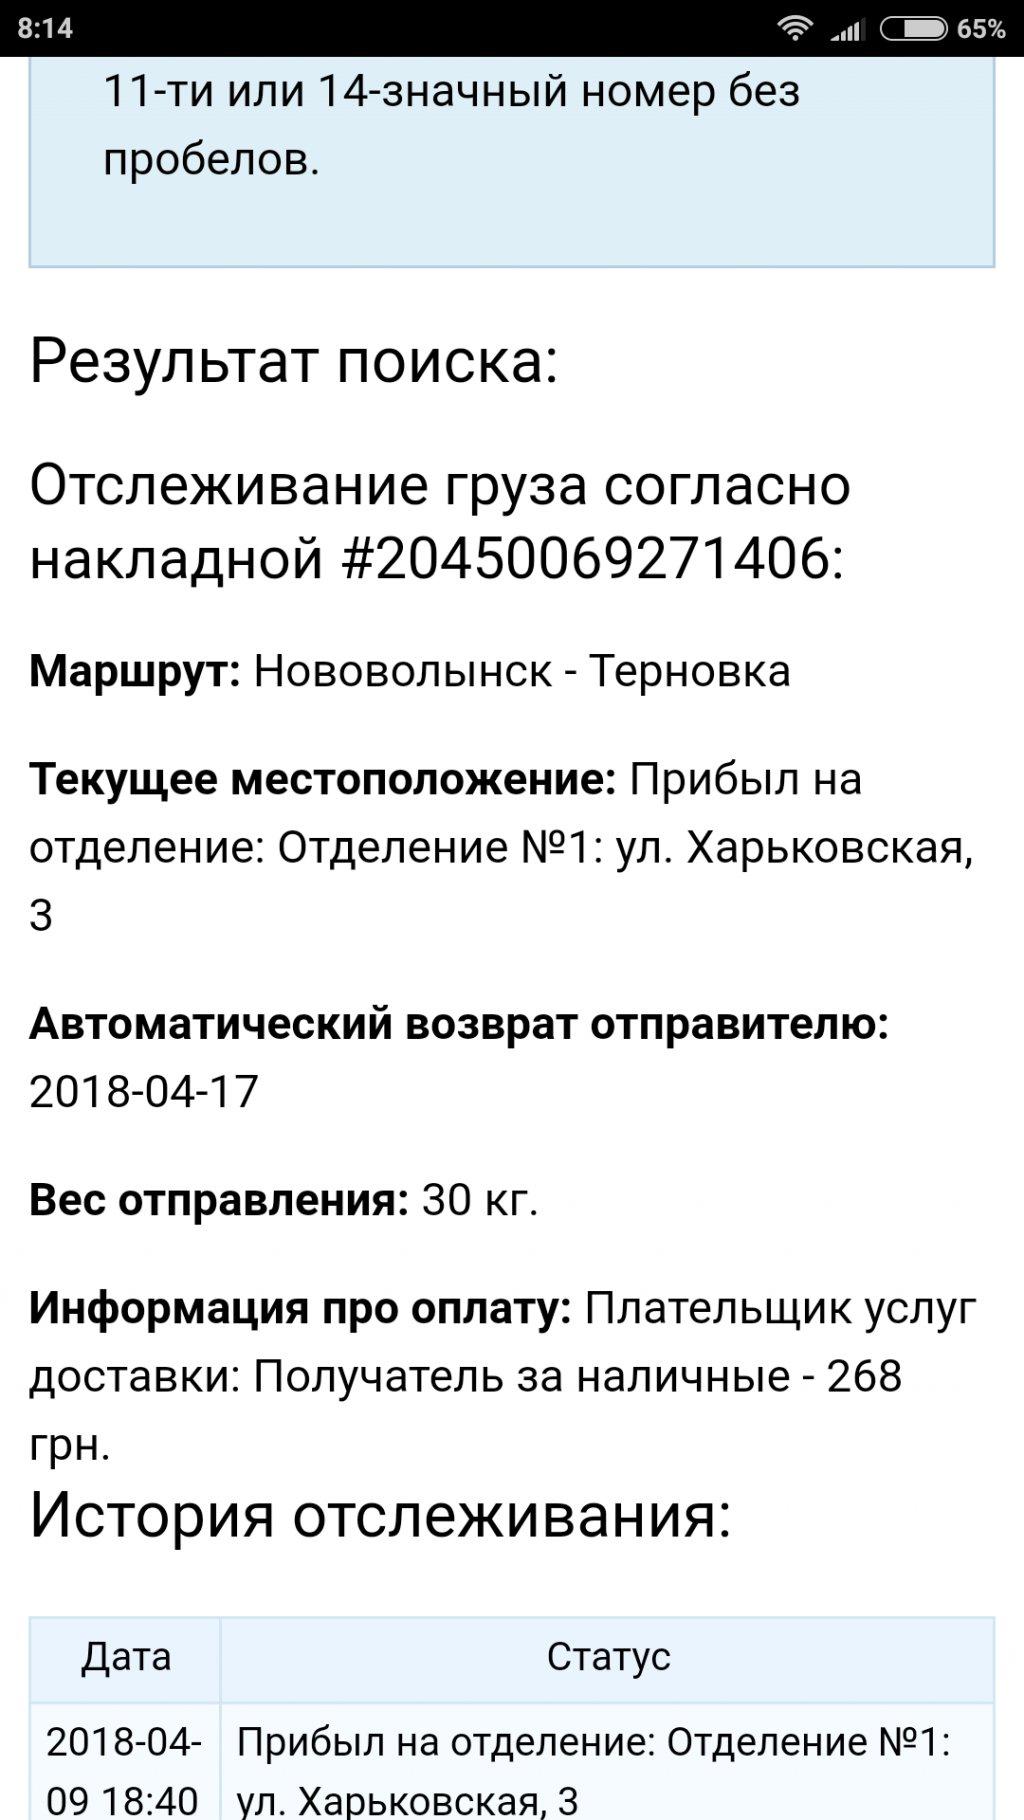 НОВАЯ ПОЧТА (Нова Пошта) - Деньги из воздуха.